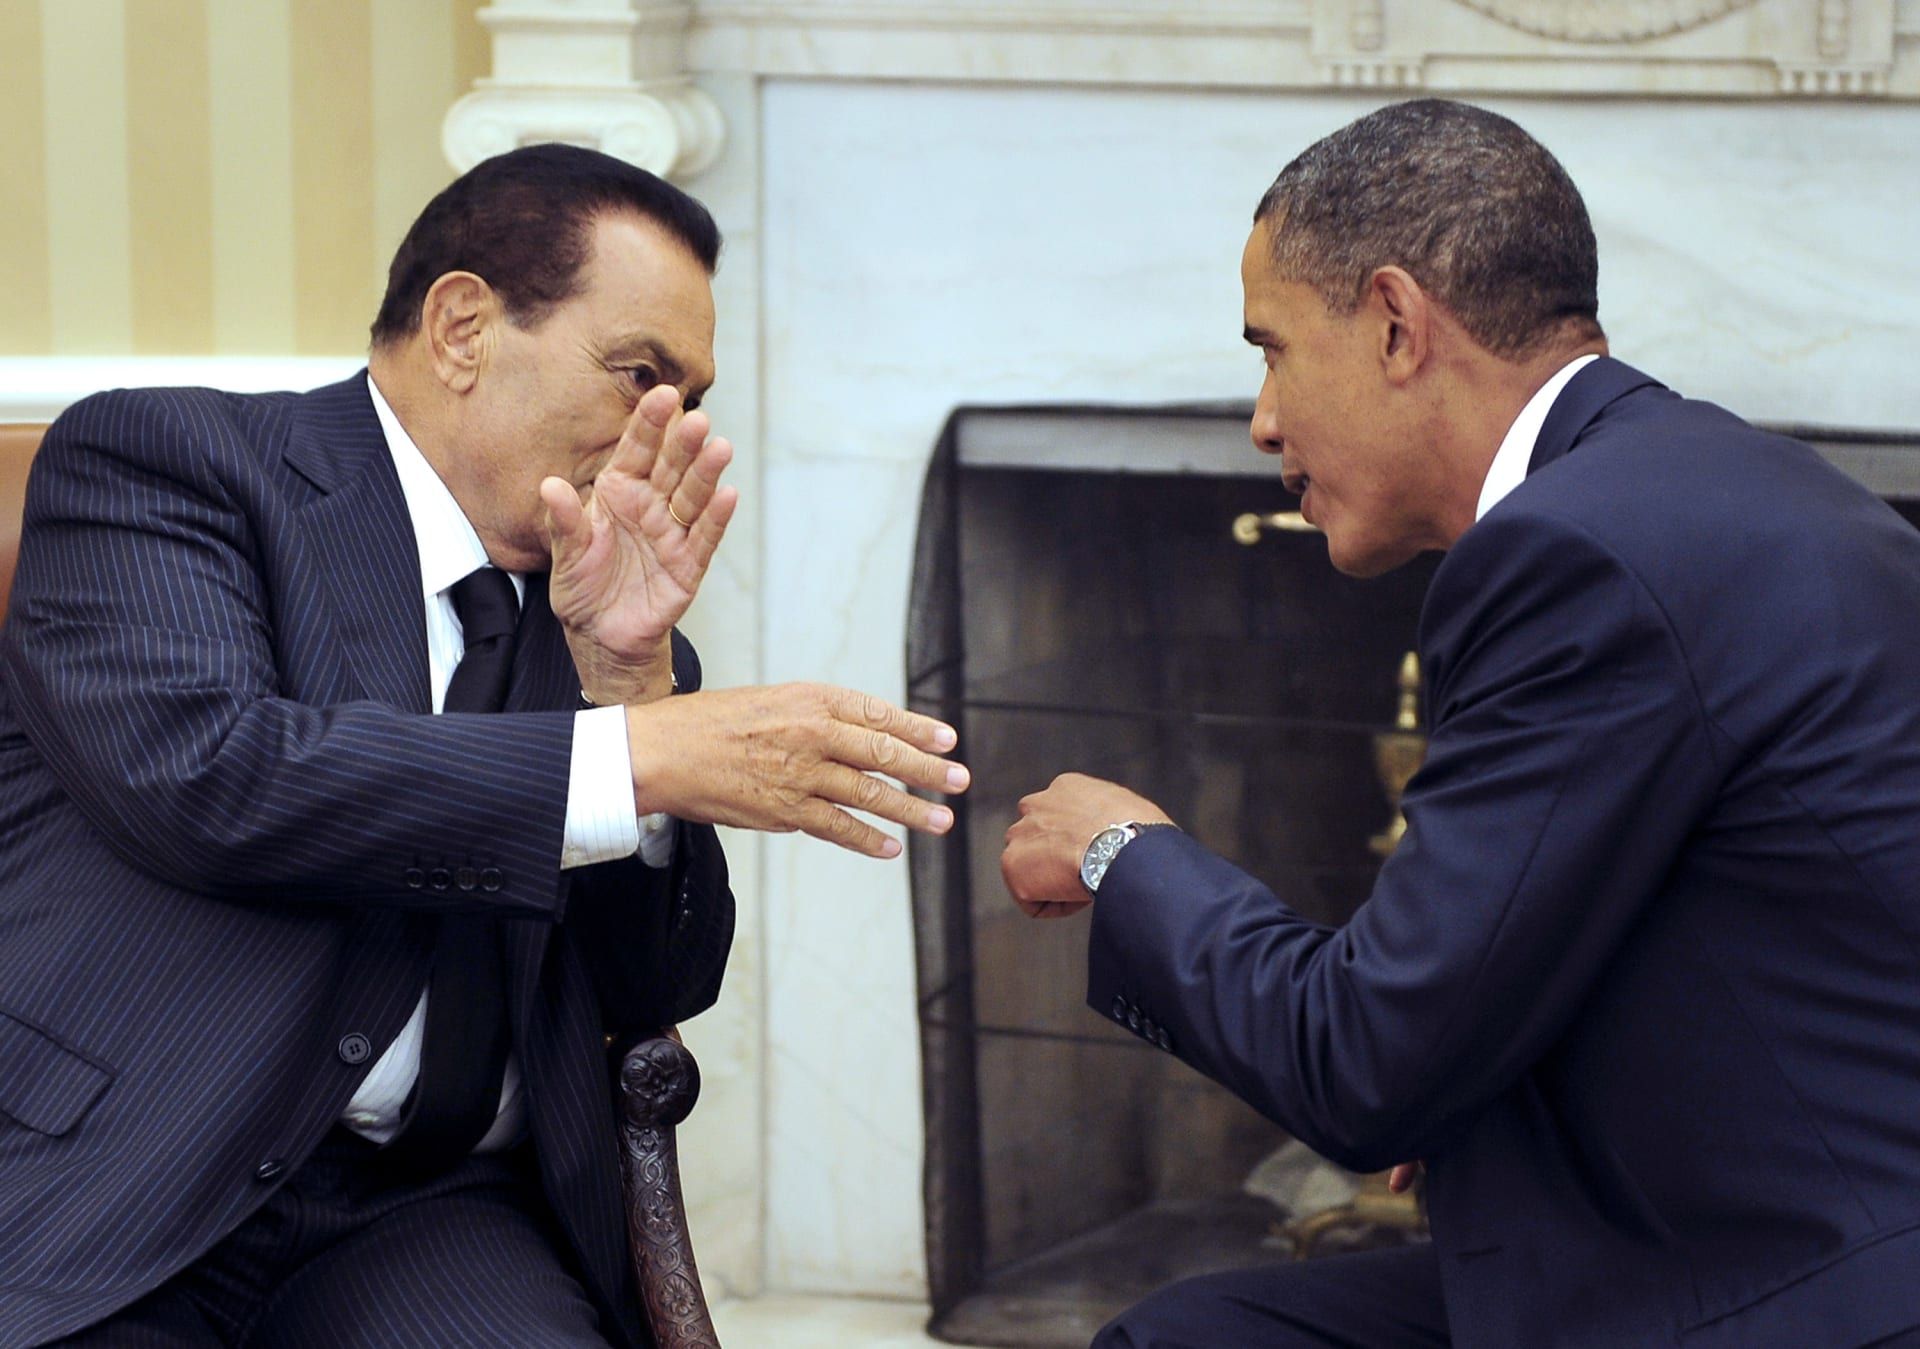 أوباما يتحدث عن حسني مبارك: الإدارات الأمريكية تغاضت عن الفساد وانتهاكات حقوق الإنسان في عهده